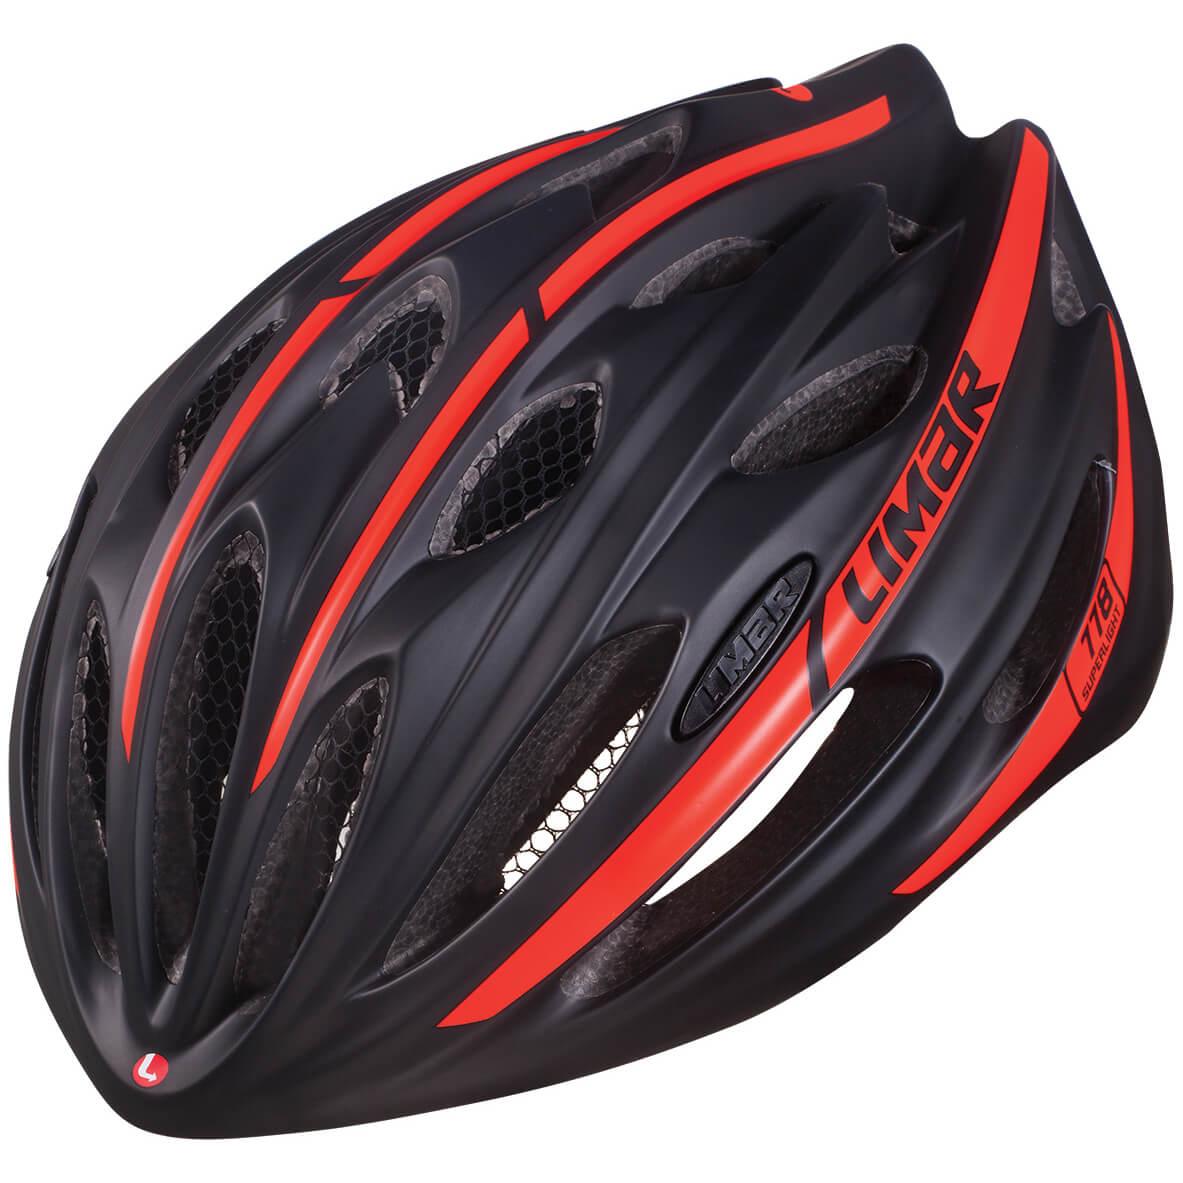 Limar 778 Superlight Road Helmet - M 52-57cm - Matt Black/Bright Red